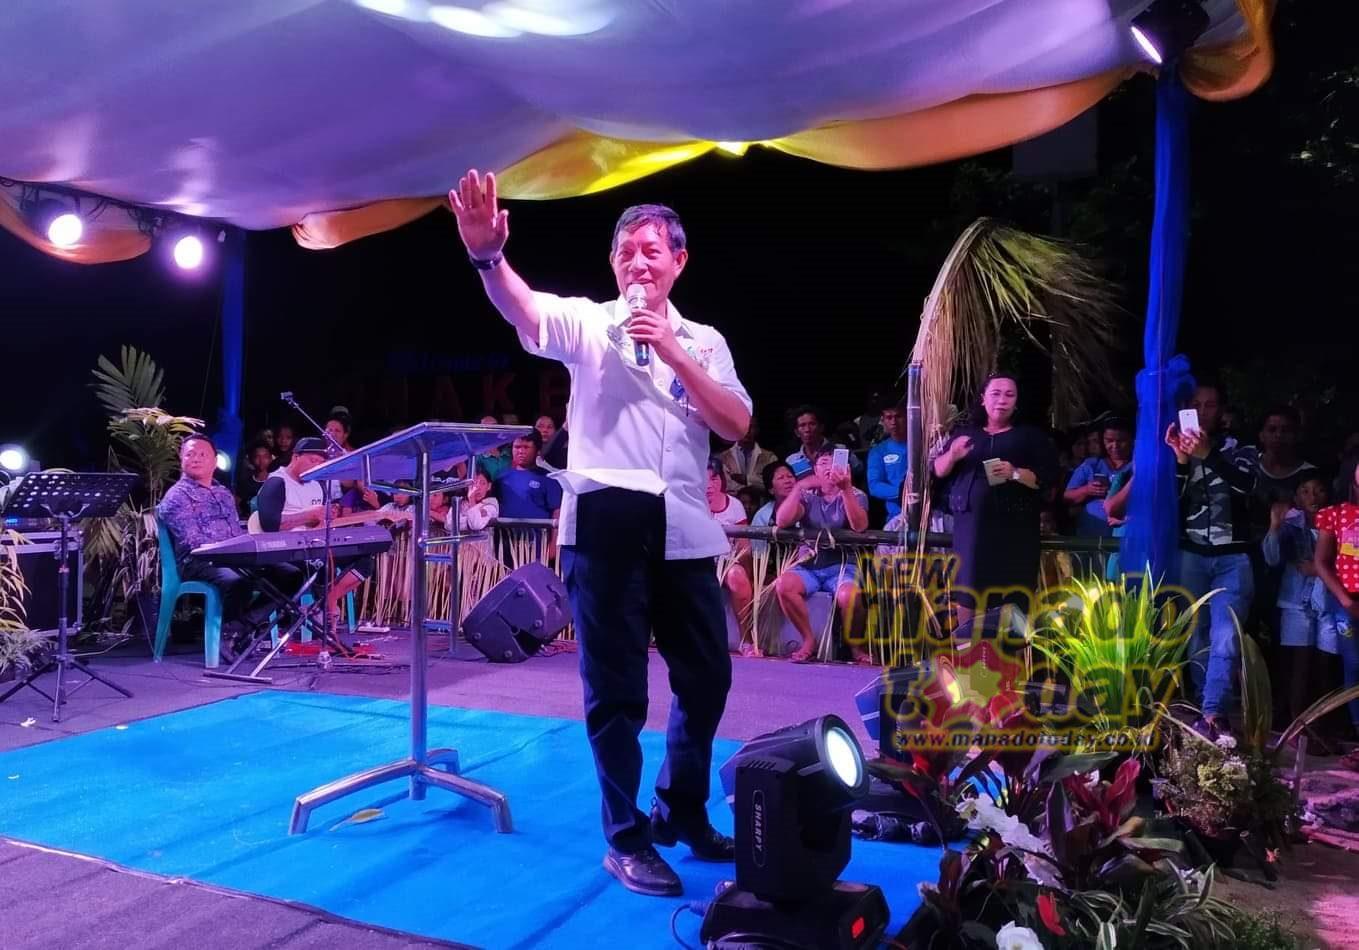 Wali kota saat membawakan sambutan